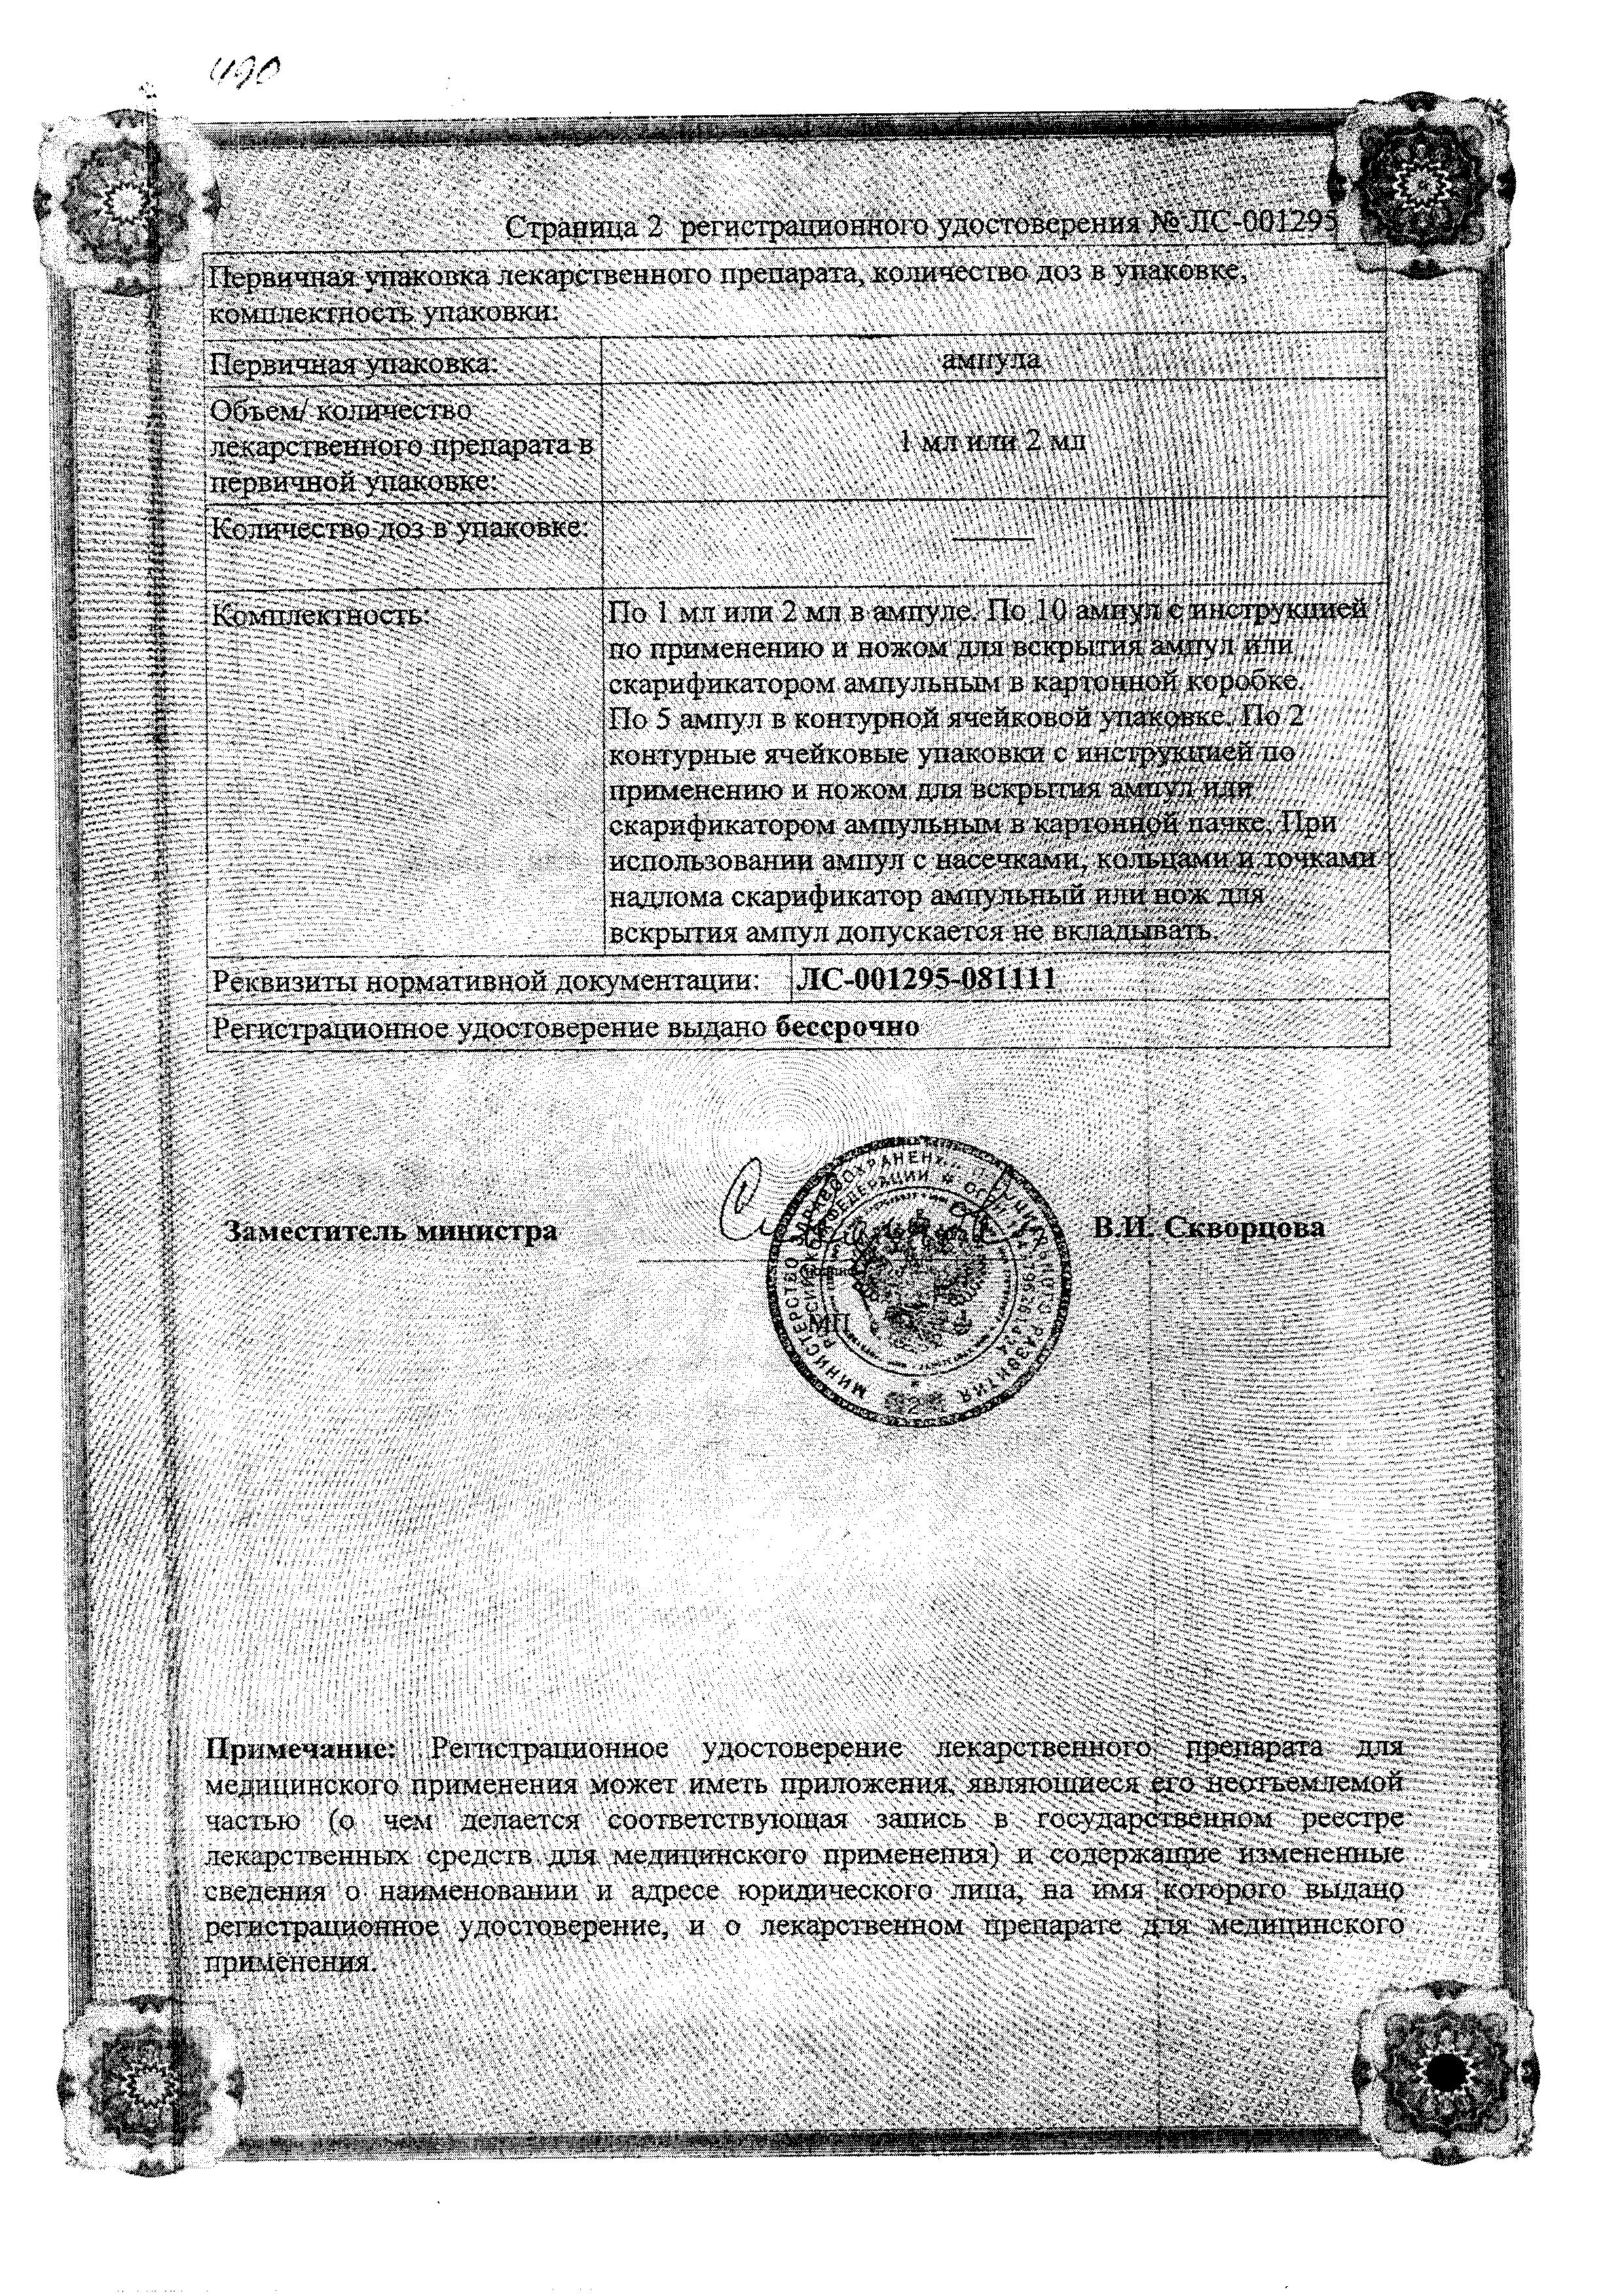 Пиридоксин сертификат